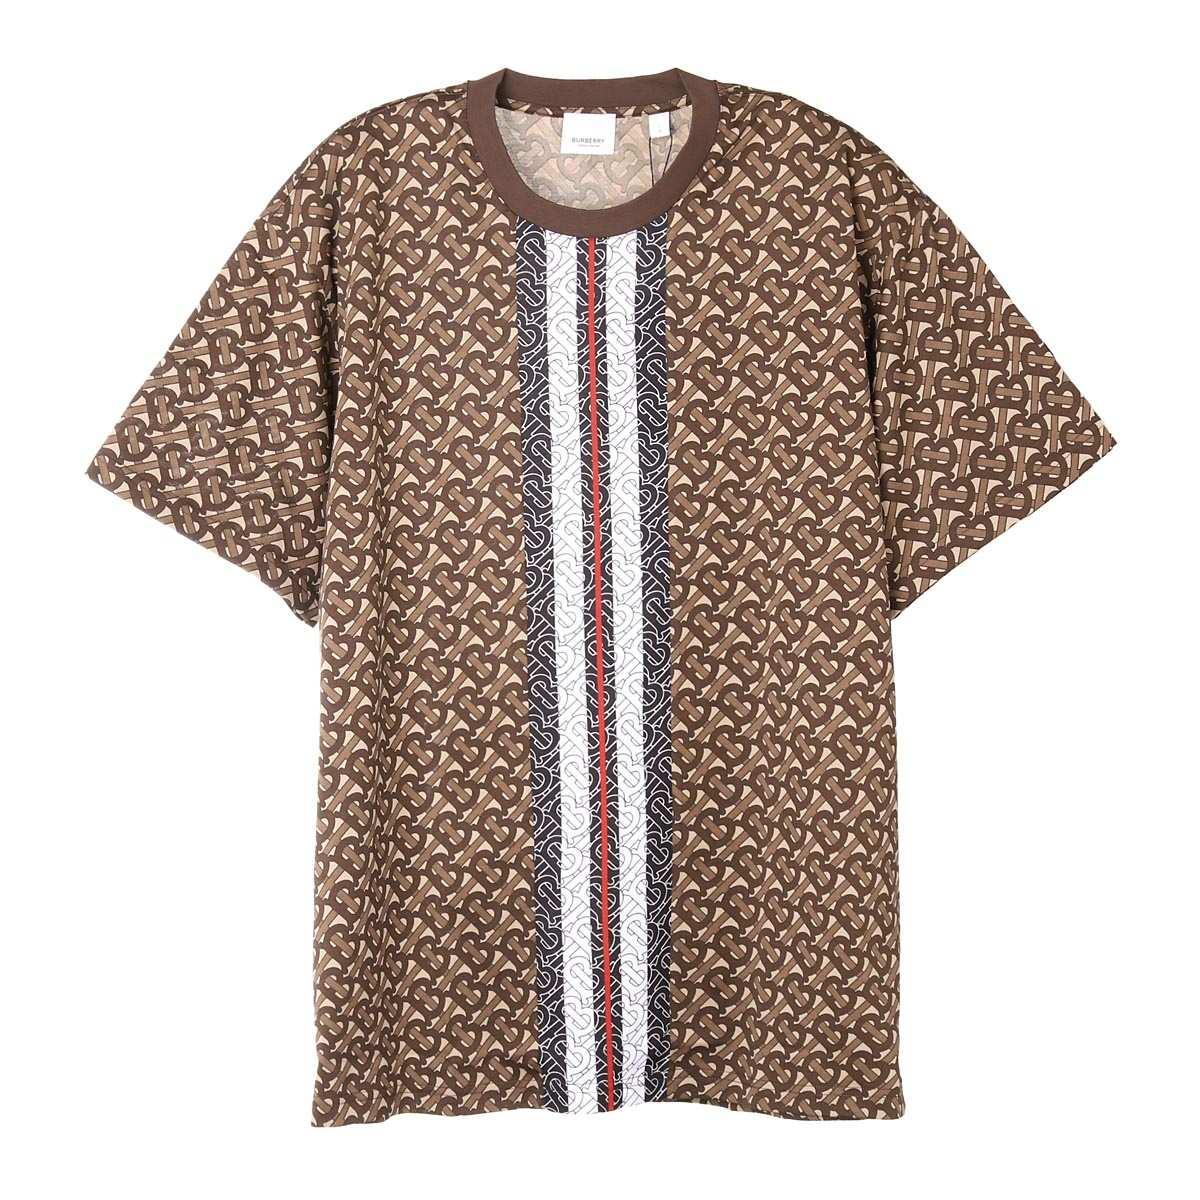 トップス, Tシャツ・カットソー  BURBERRY T 8018239 brown